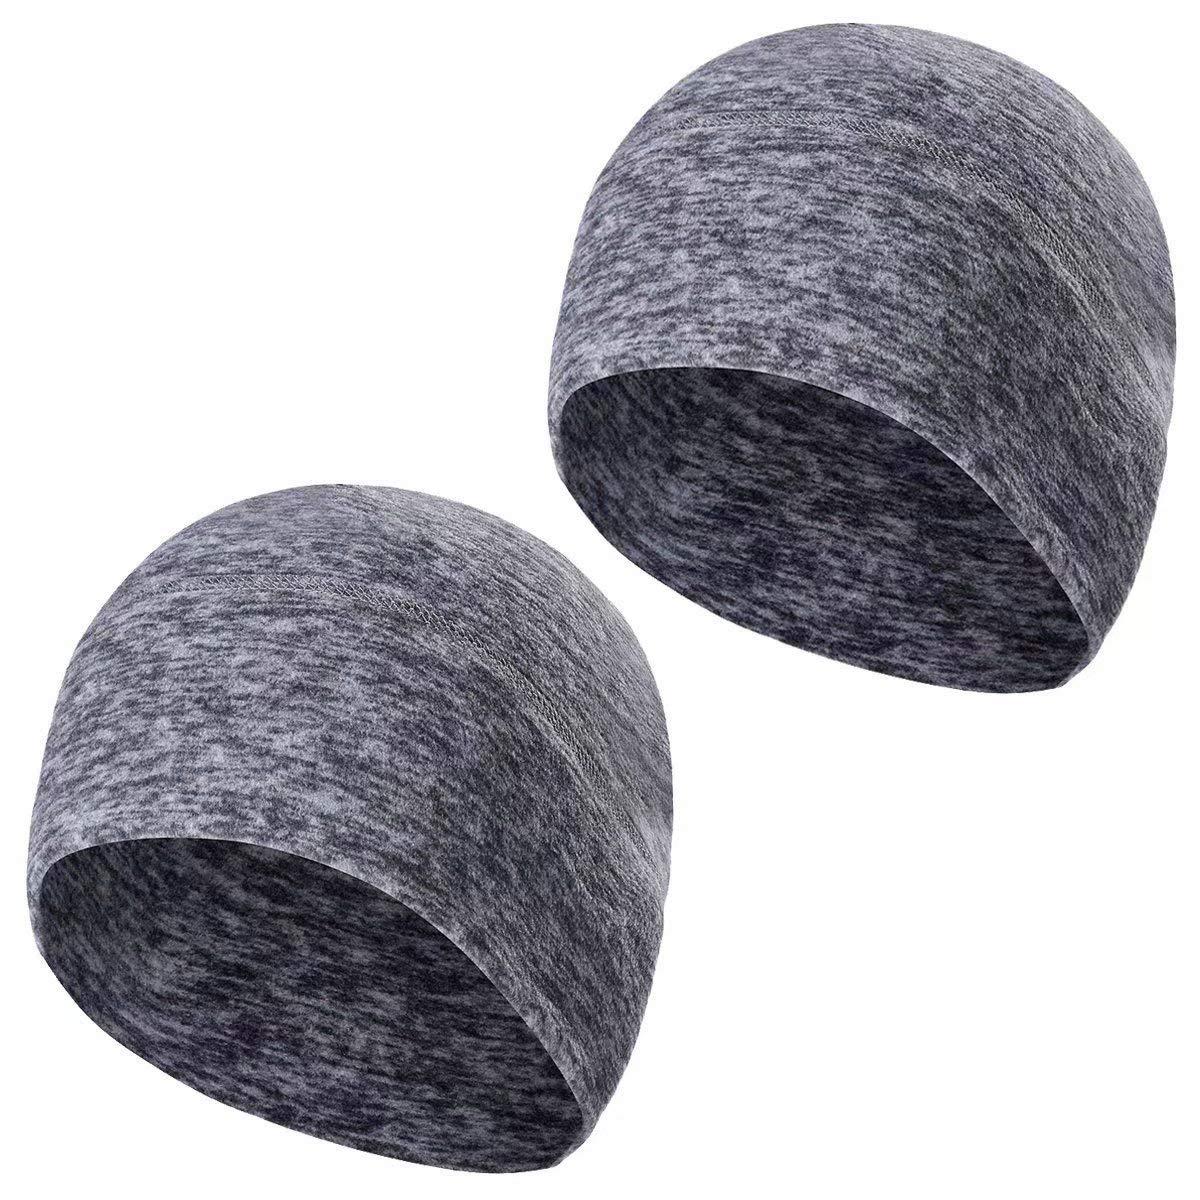 Fodera Casco per Adulti Donne e Uomini Dimensione Elastica Universale TAGVO Felpa Invernale Beanie Cappellino Running Beanie Hat con coperchi Auricolari